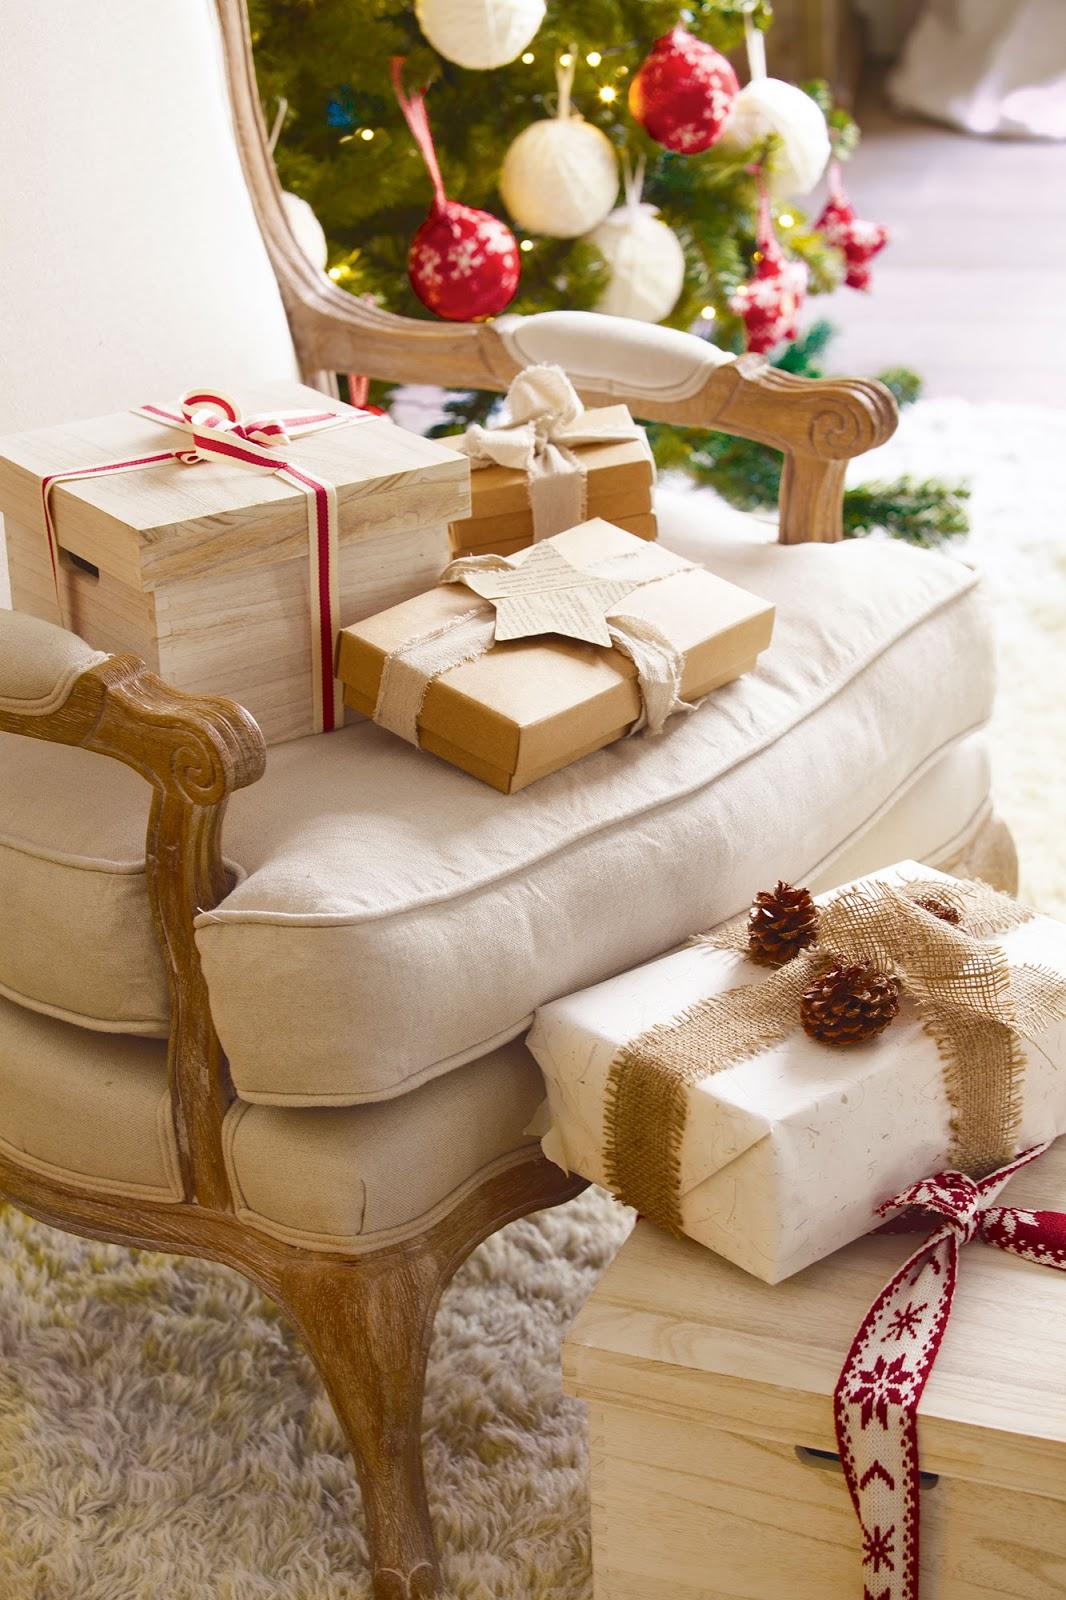 Casa tr s chic de natal a cabana e loft - Cajas de carton de navidad ...